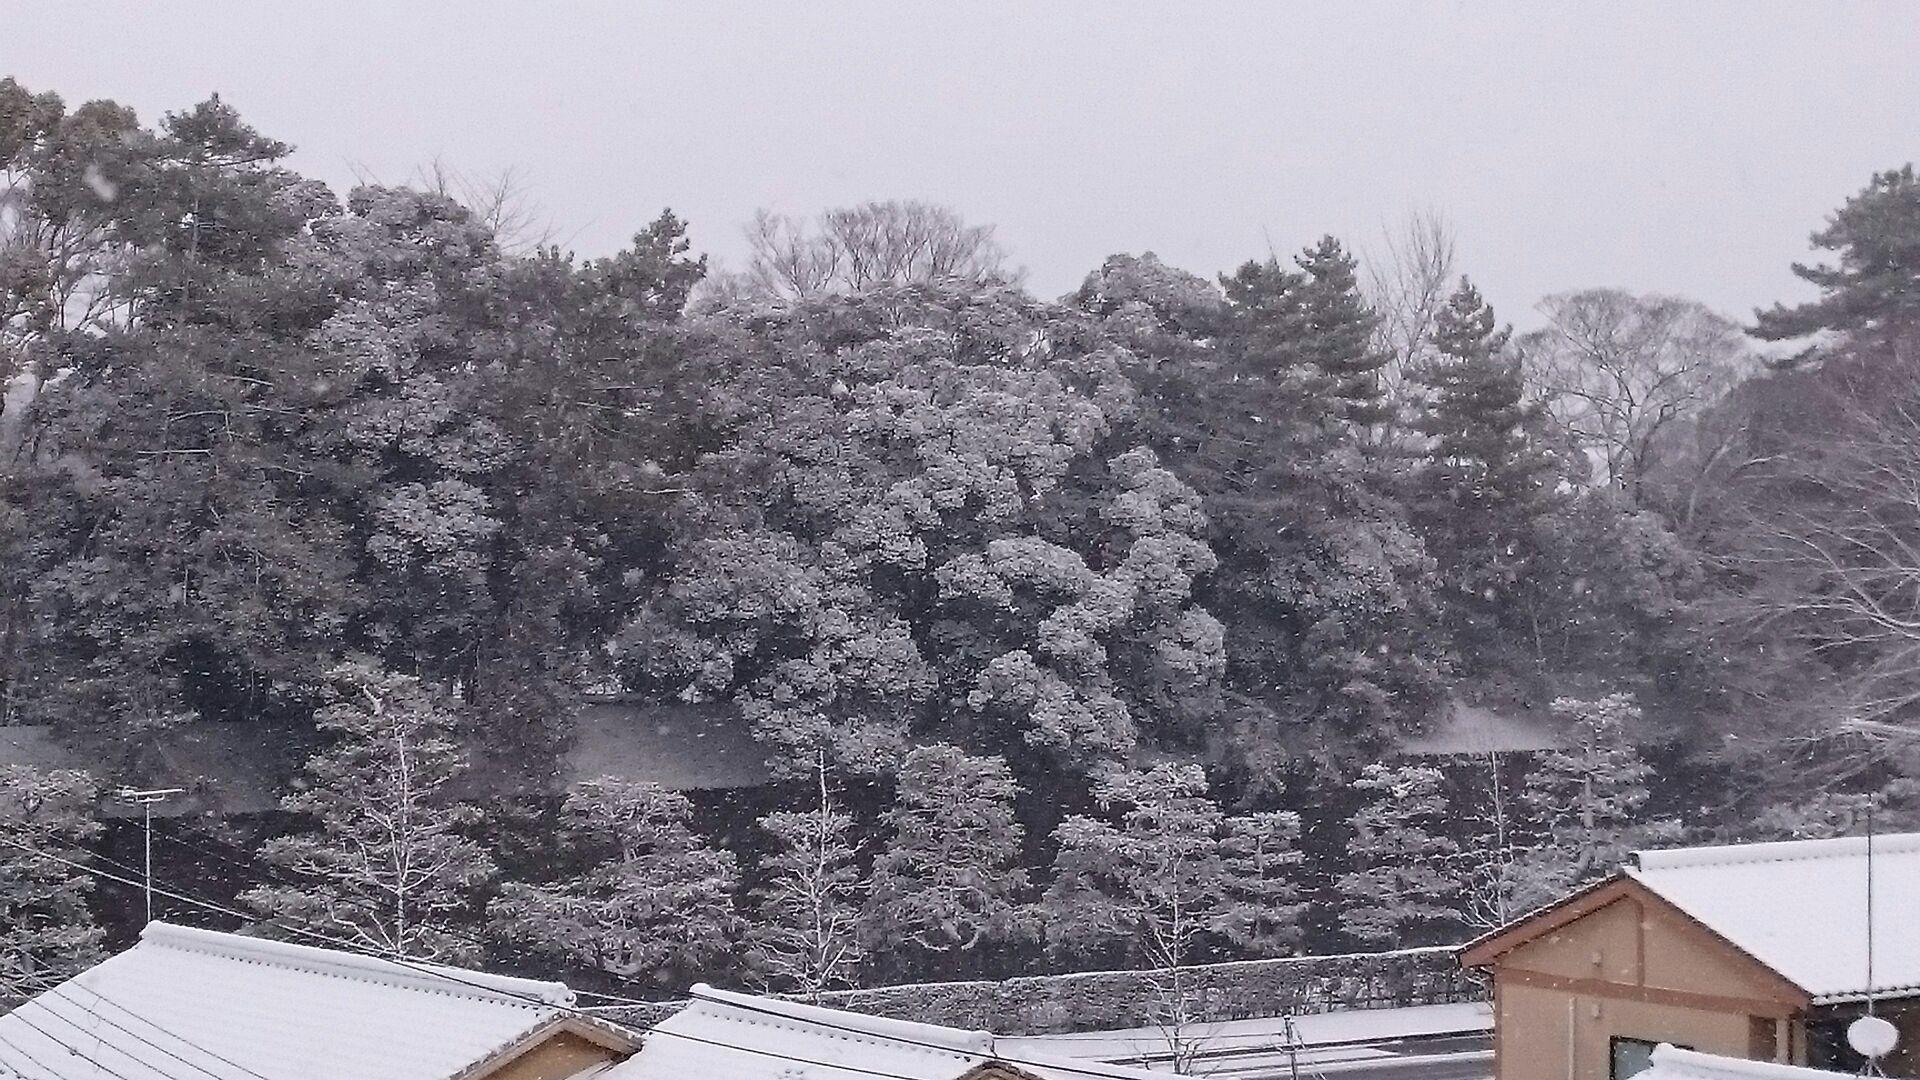 京都に初雪!屋上も真っ白!_f0354437_10045084.jpg